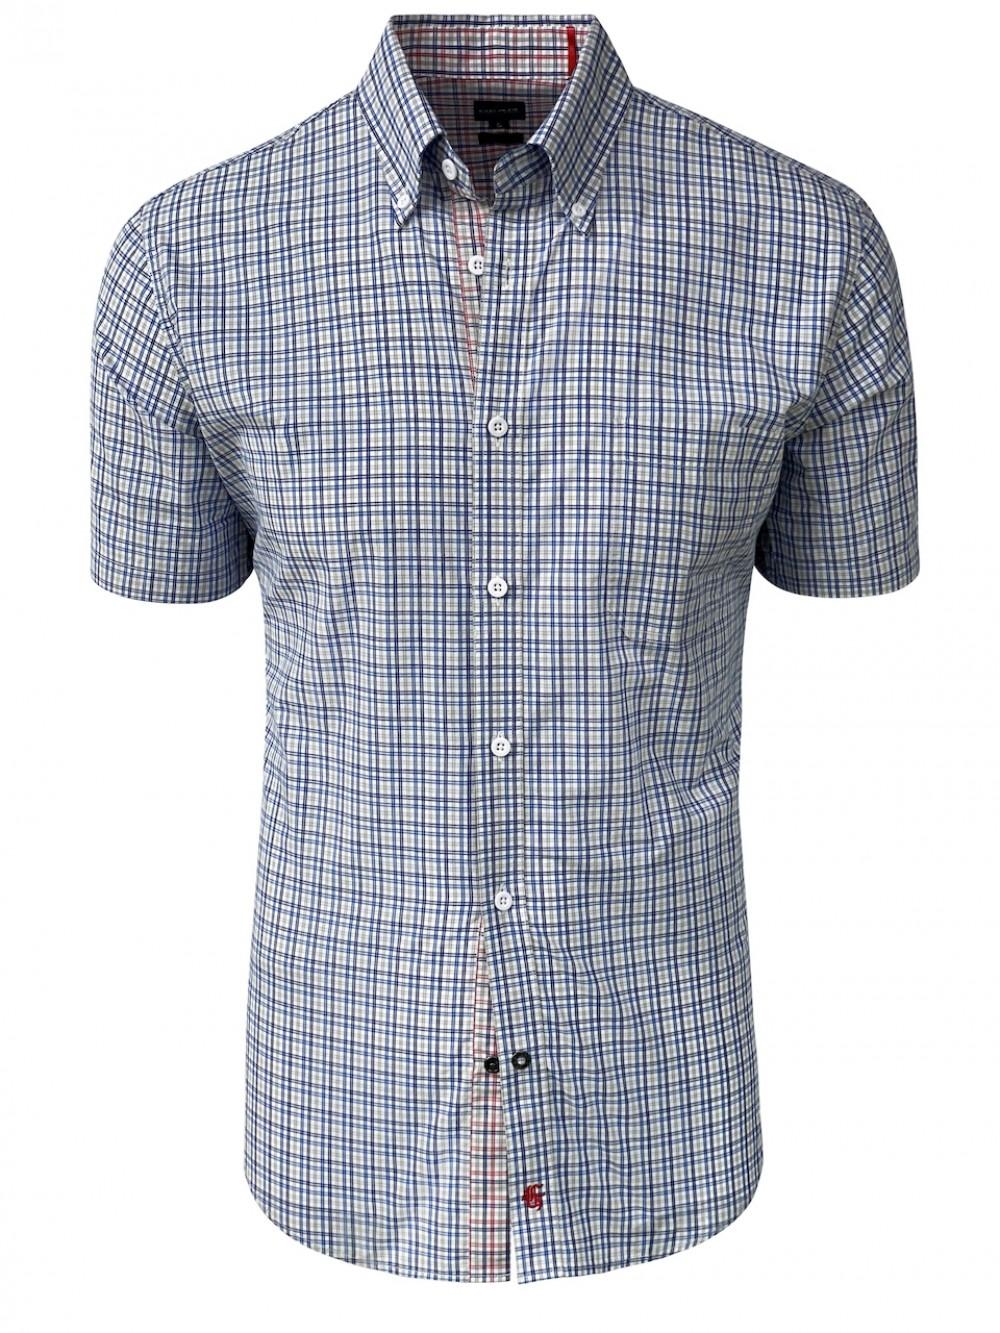 ALESSIO SHM1296 Cotton Slim fit Shirt  grey